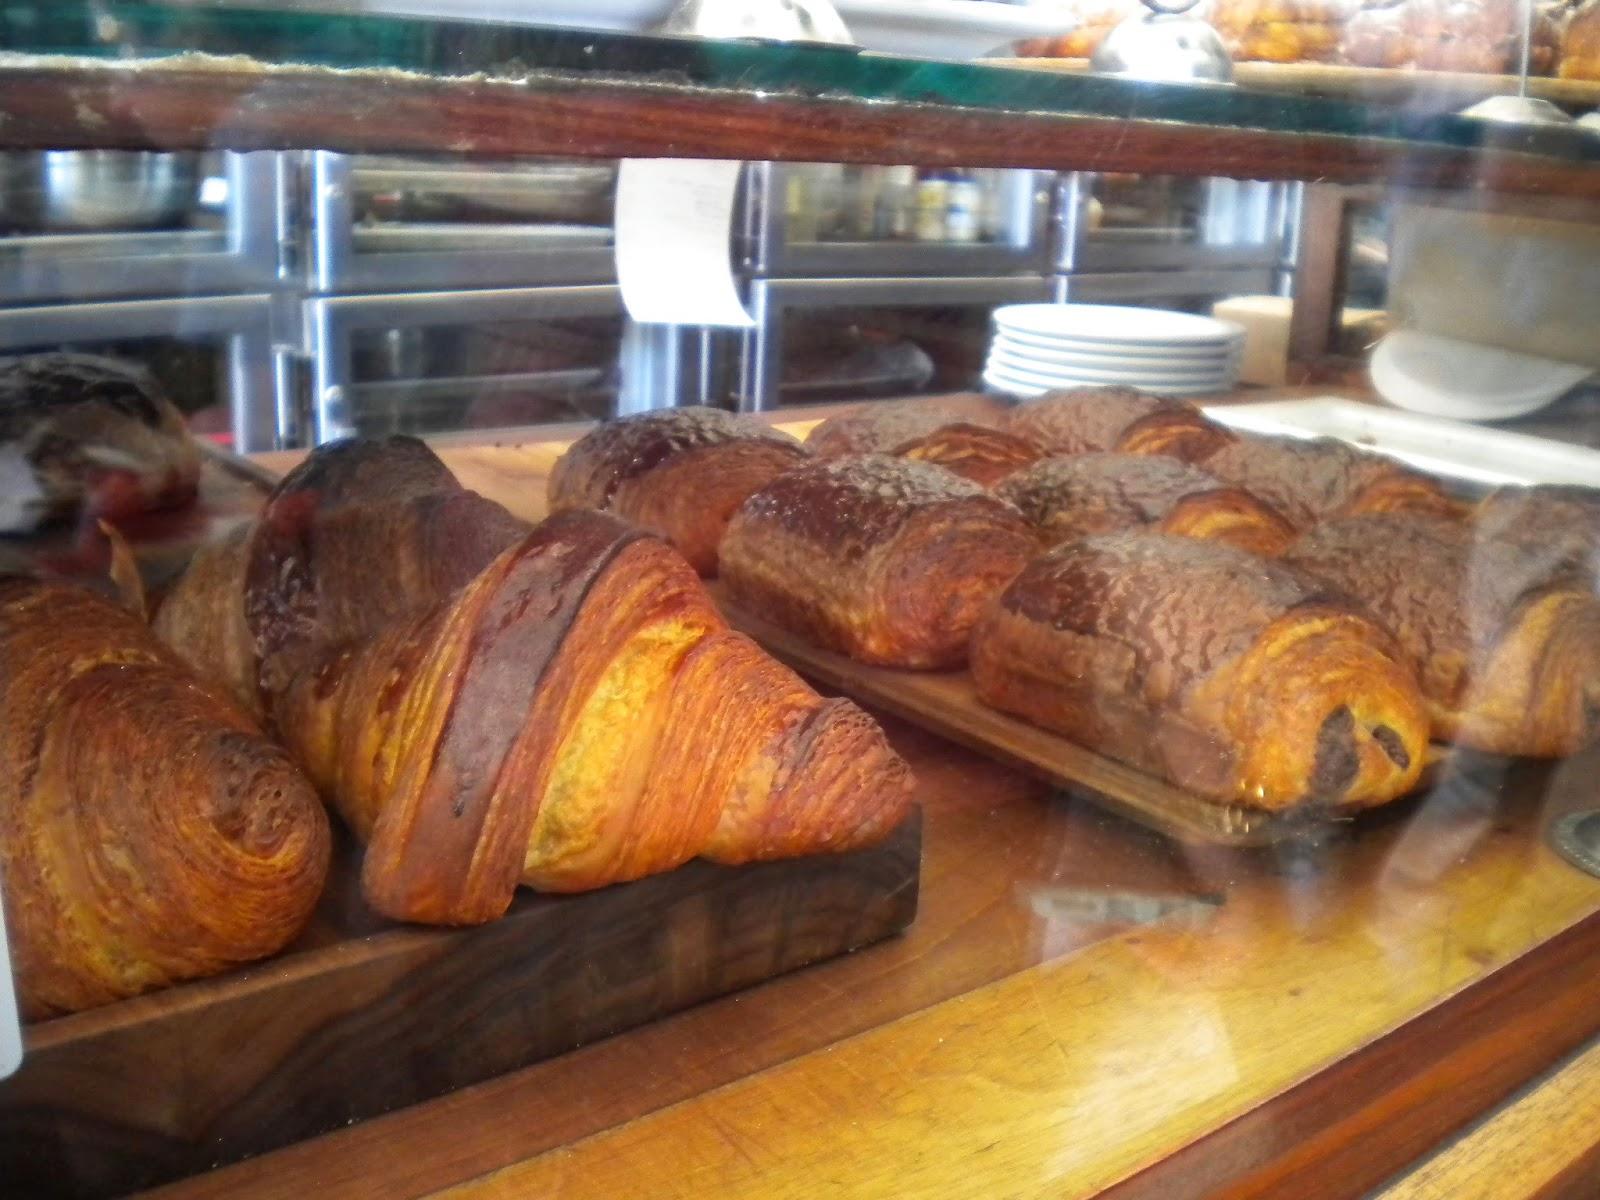 tartine bakery san francisco mission california leipomo croissant voisarvi matkailu matkajuttu mallaspulla